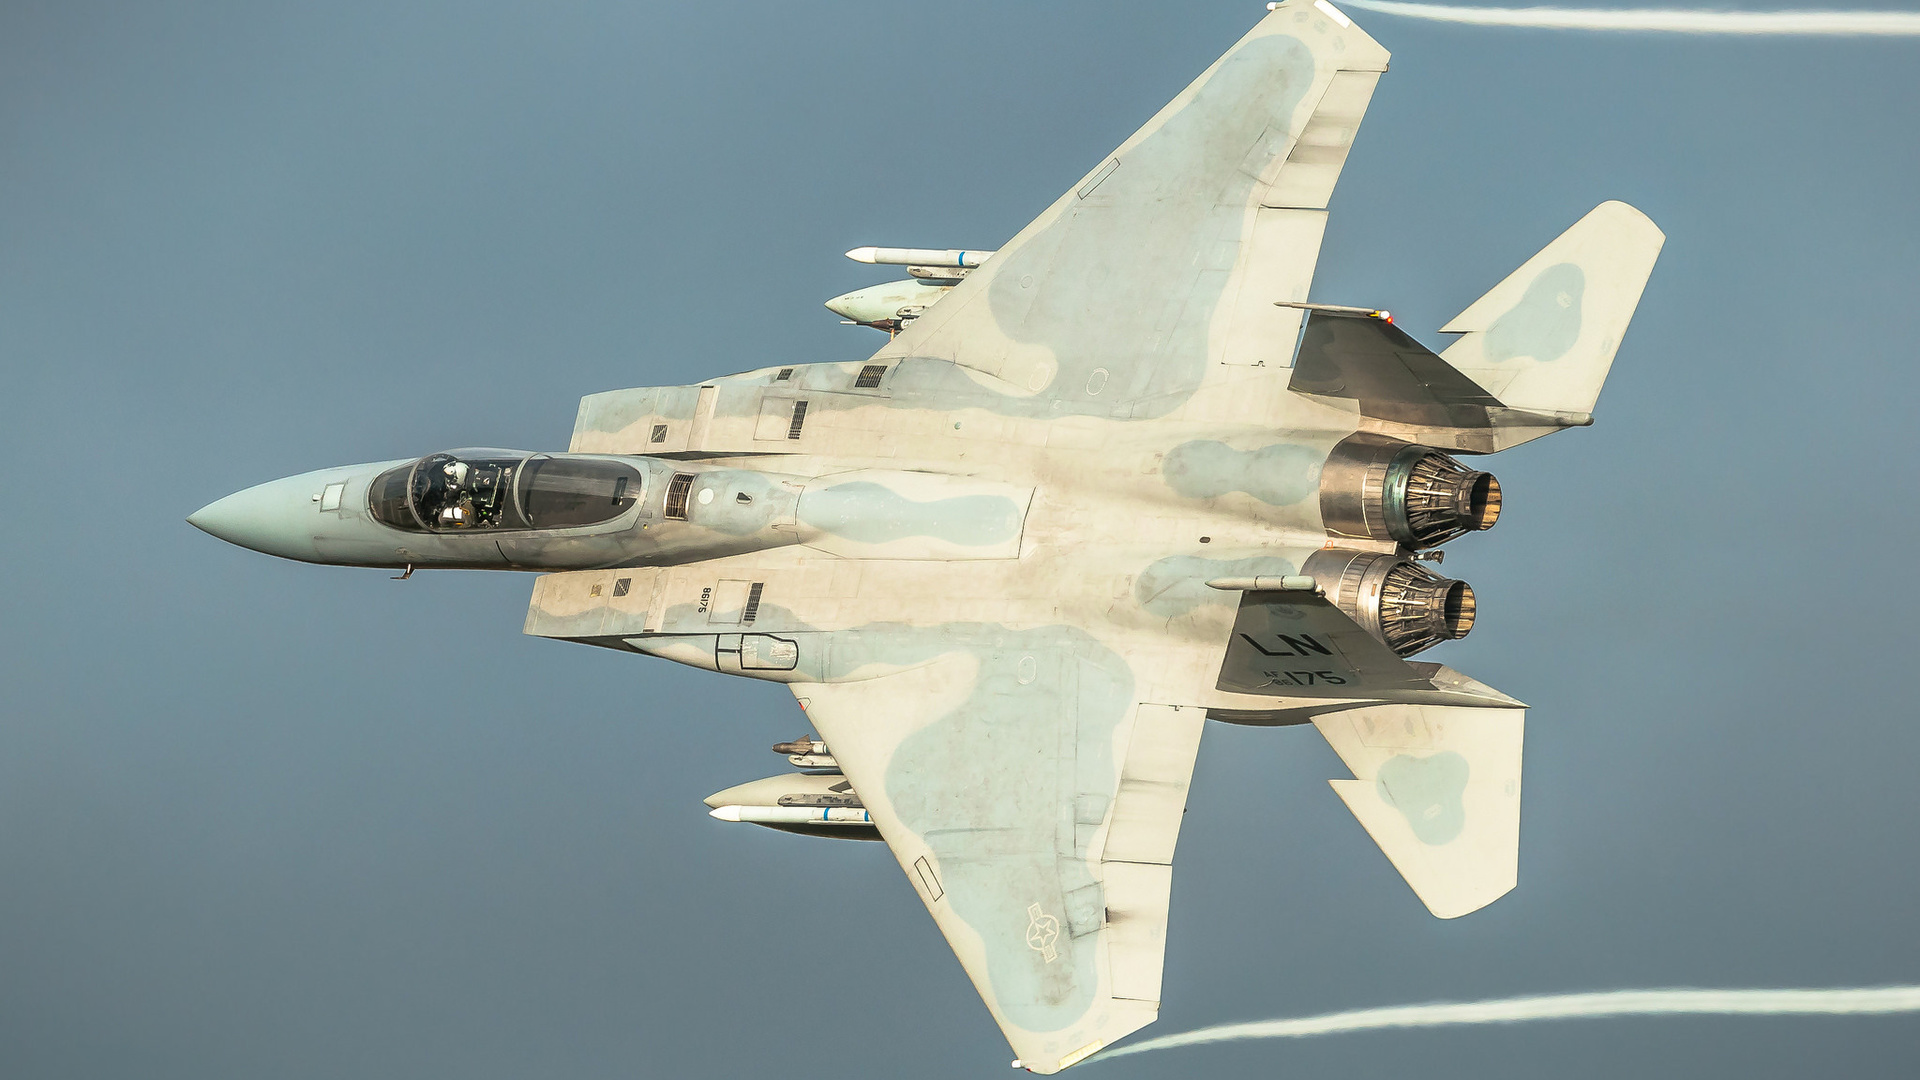 самолет, полет, истребитель, красиво, mcdonnell douglas f-15 eagle